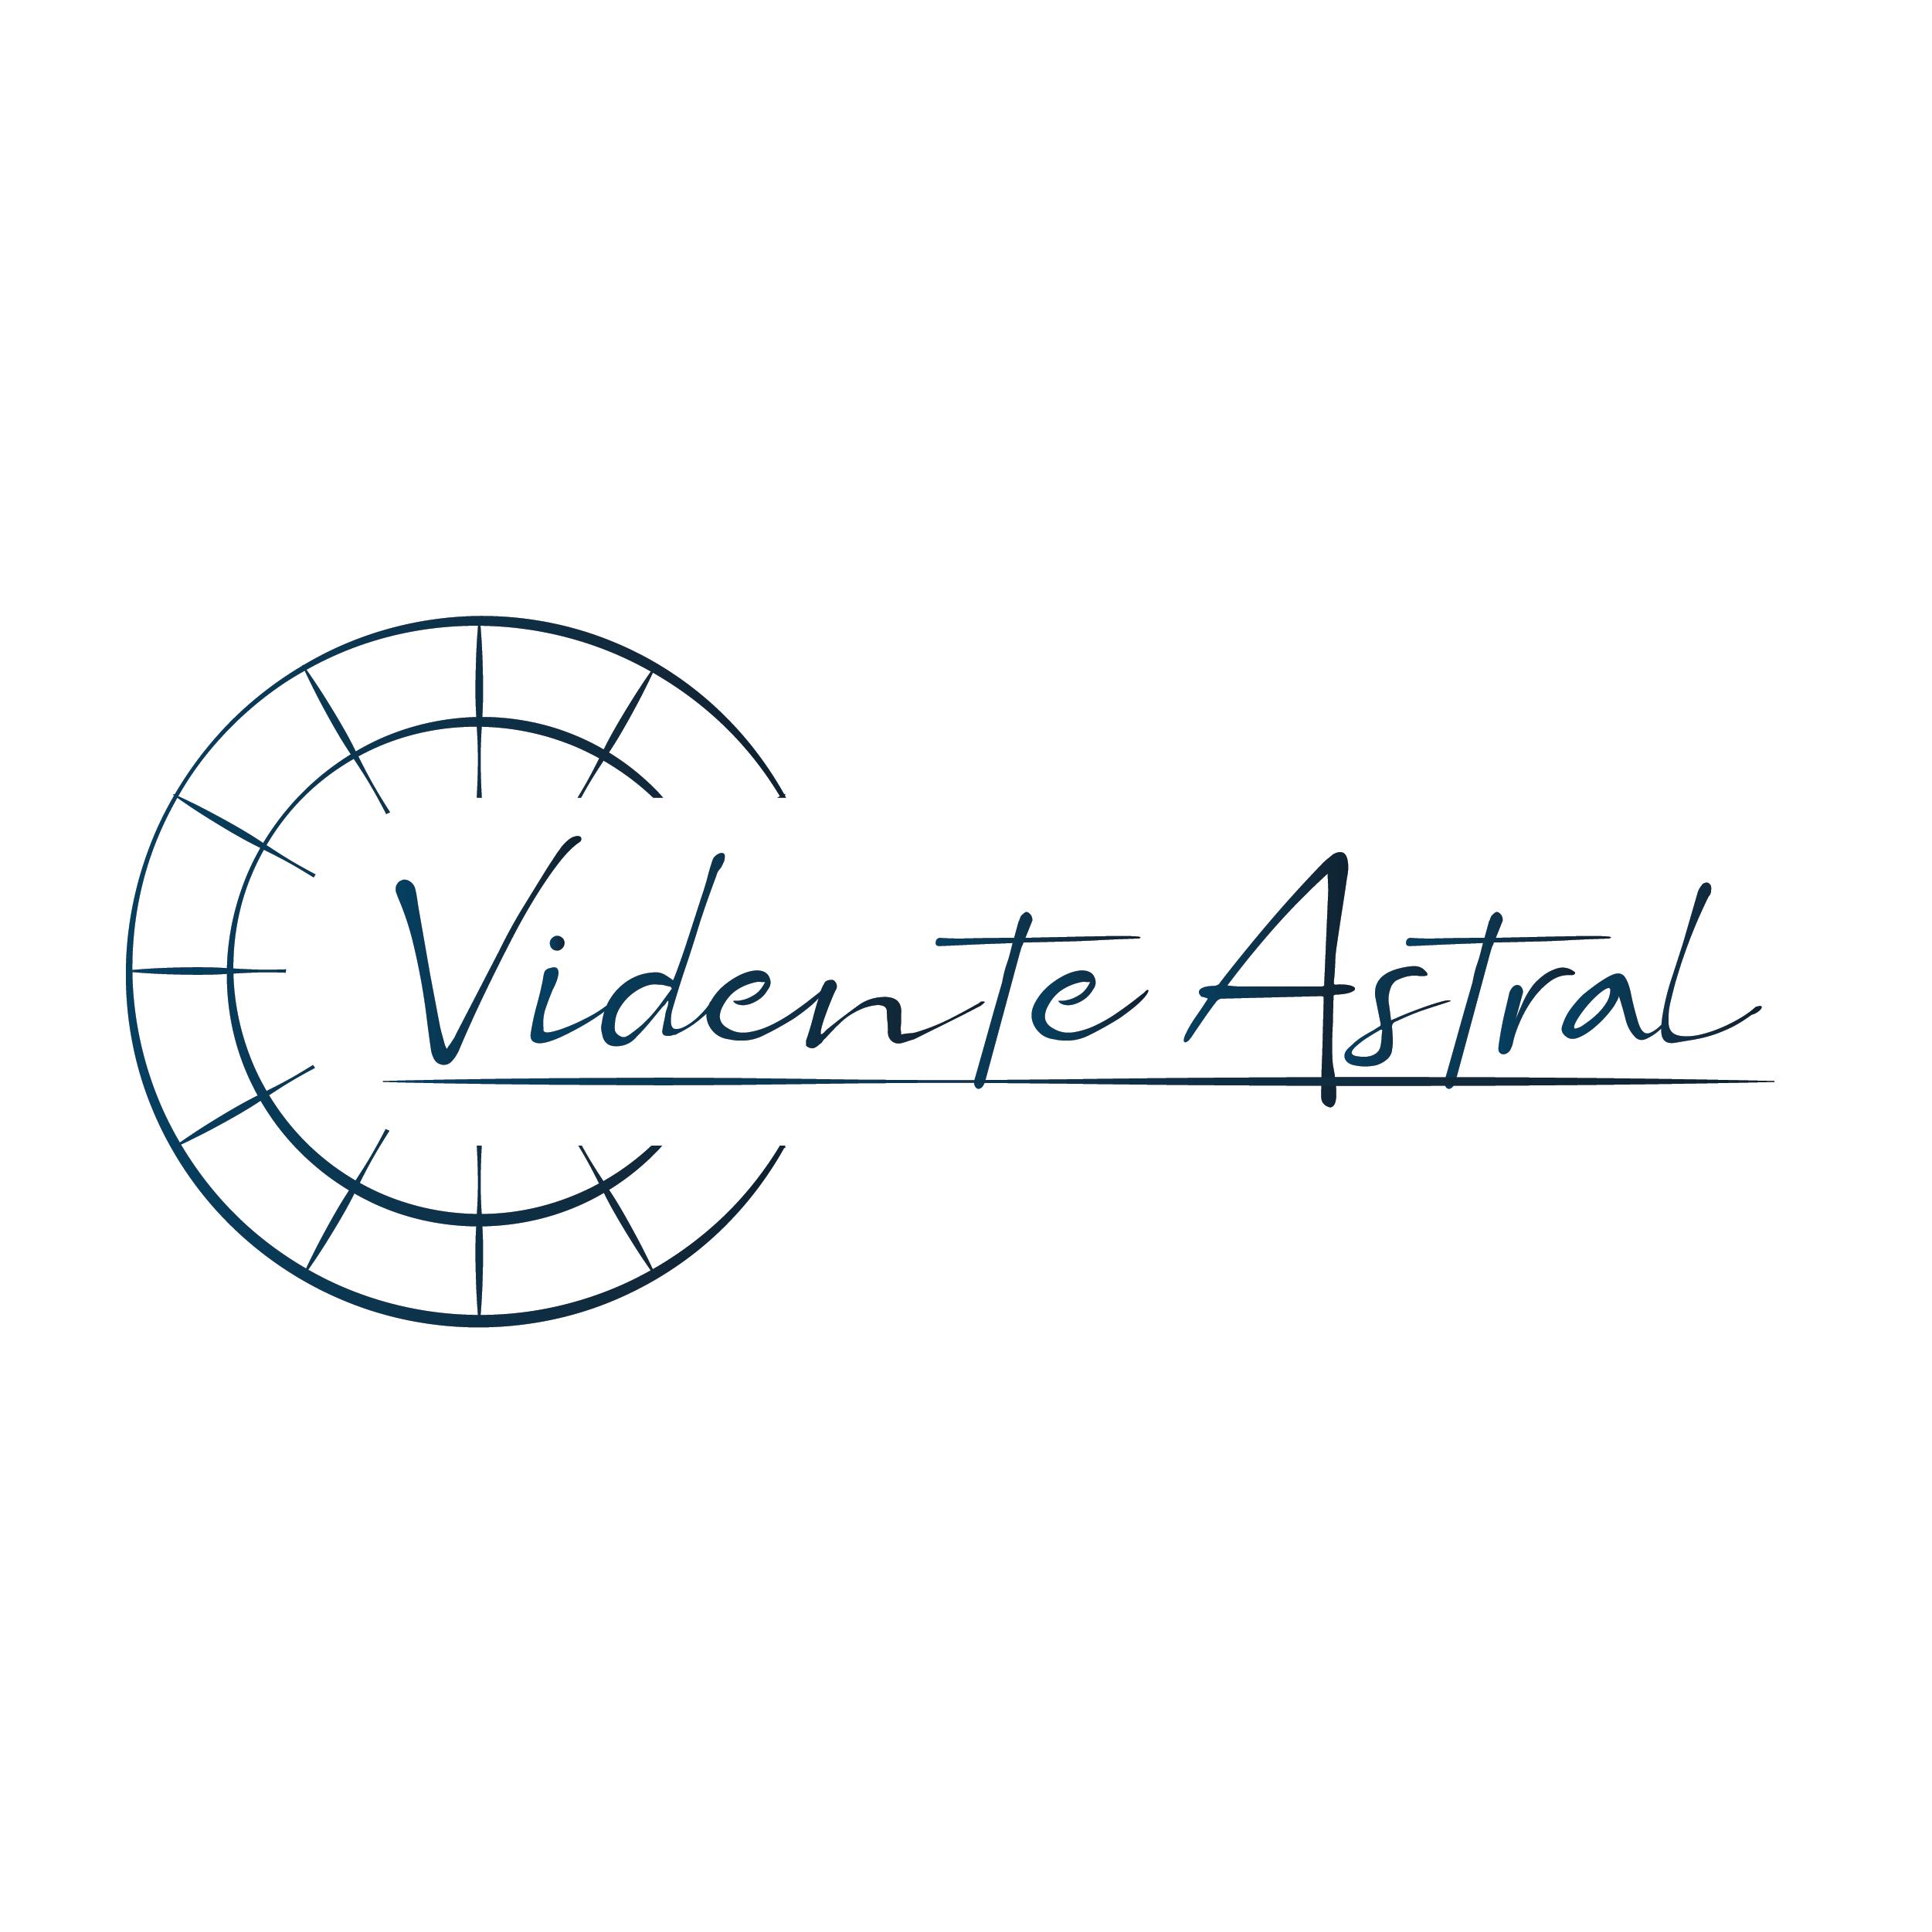 Logo de Vidente Astral